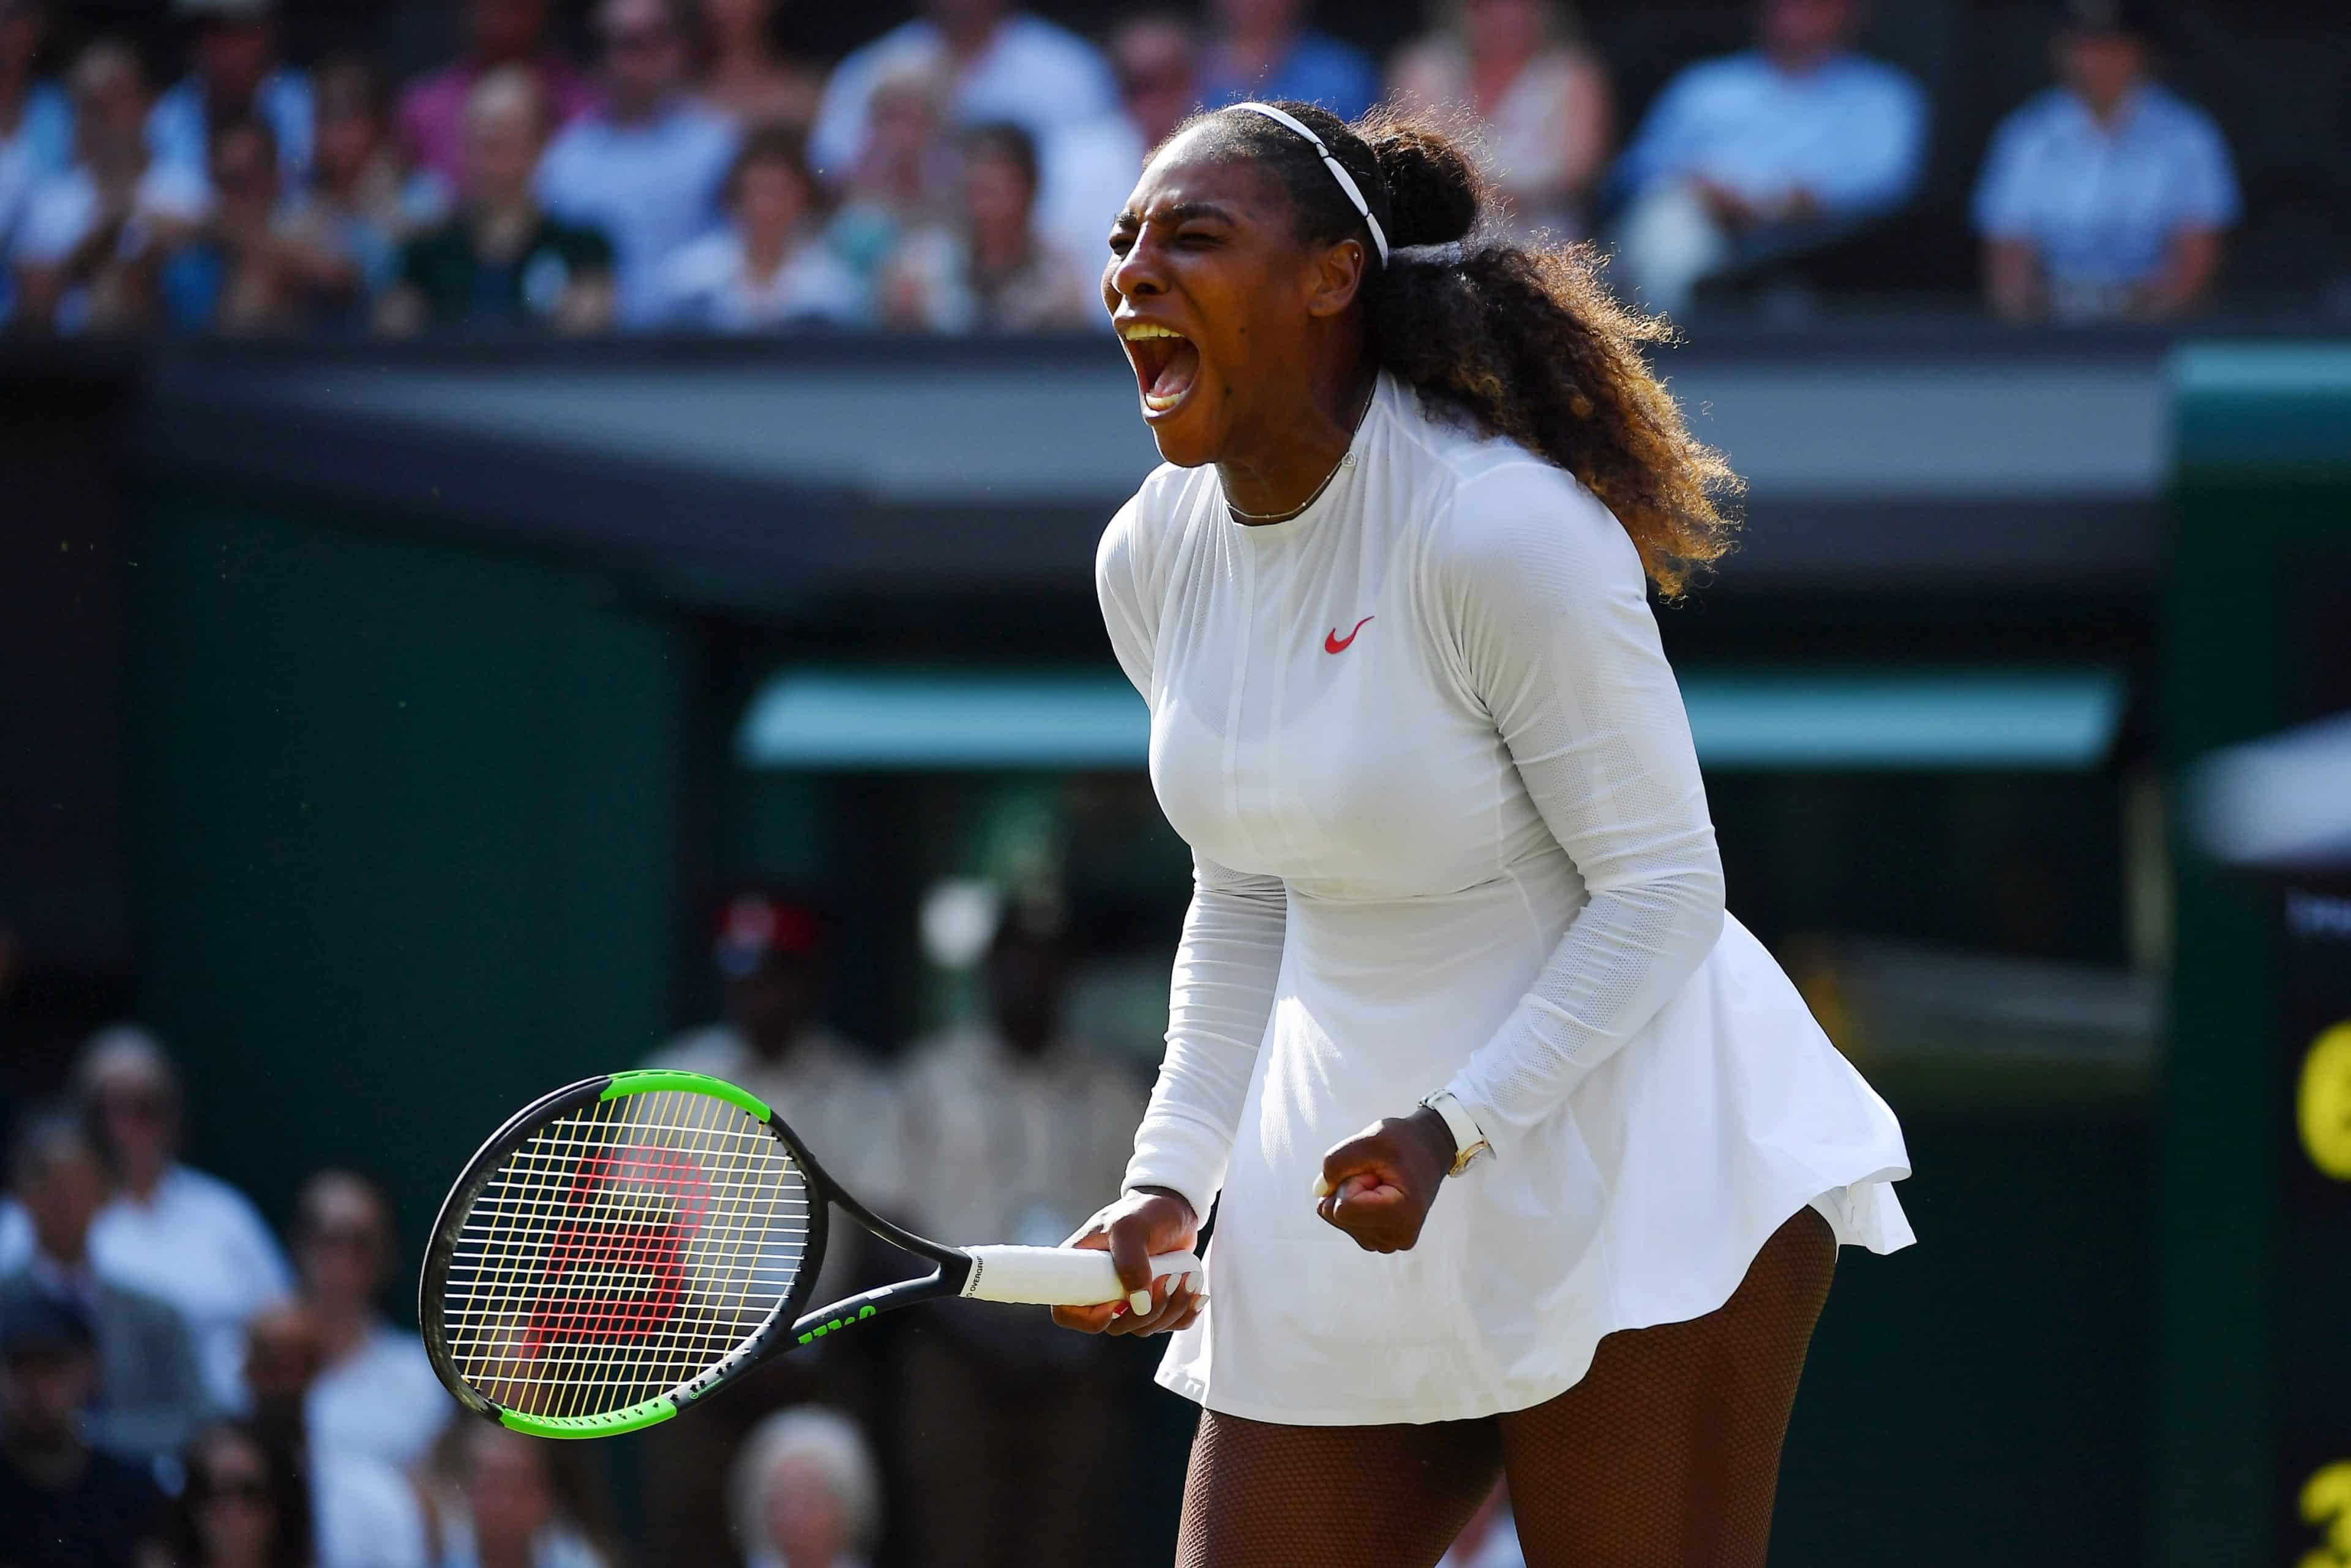 Quale tennista ha vinto più tornei dello Slam femminile